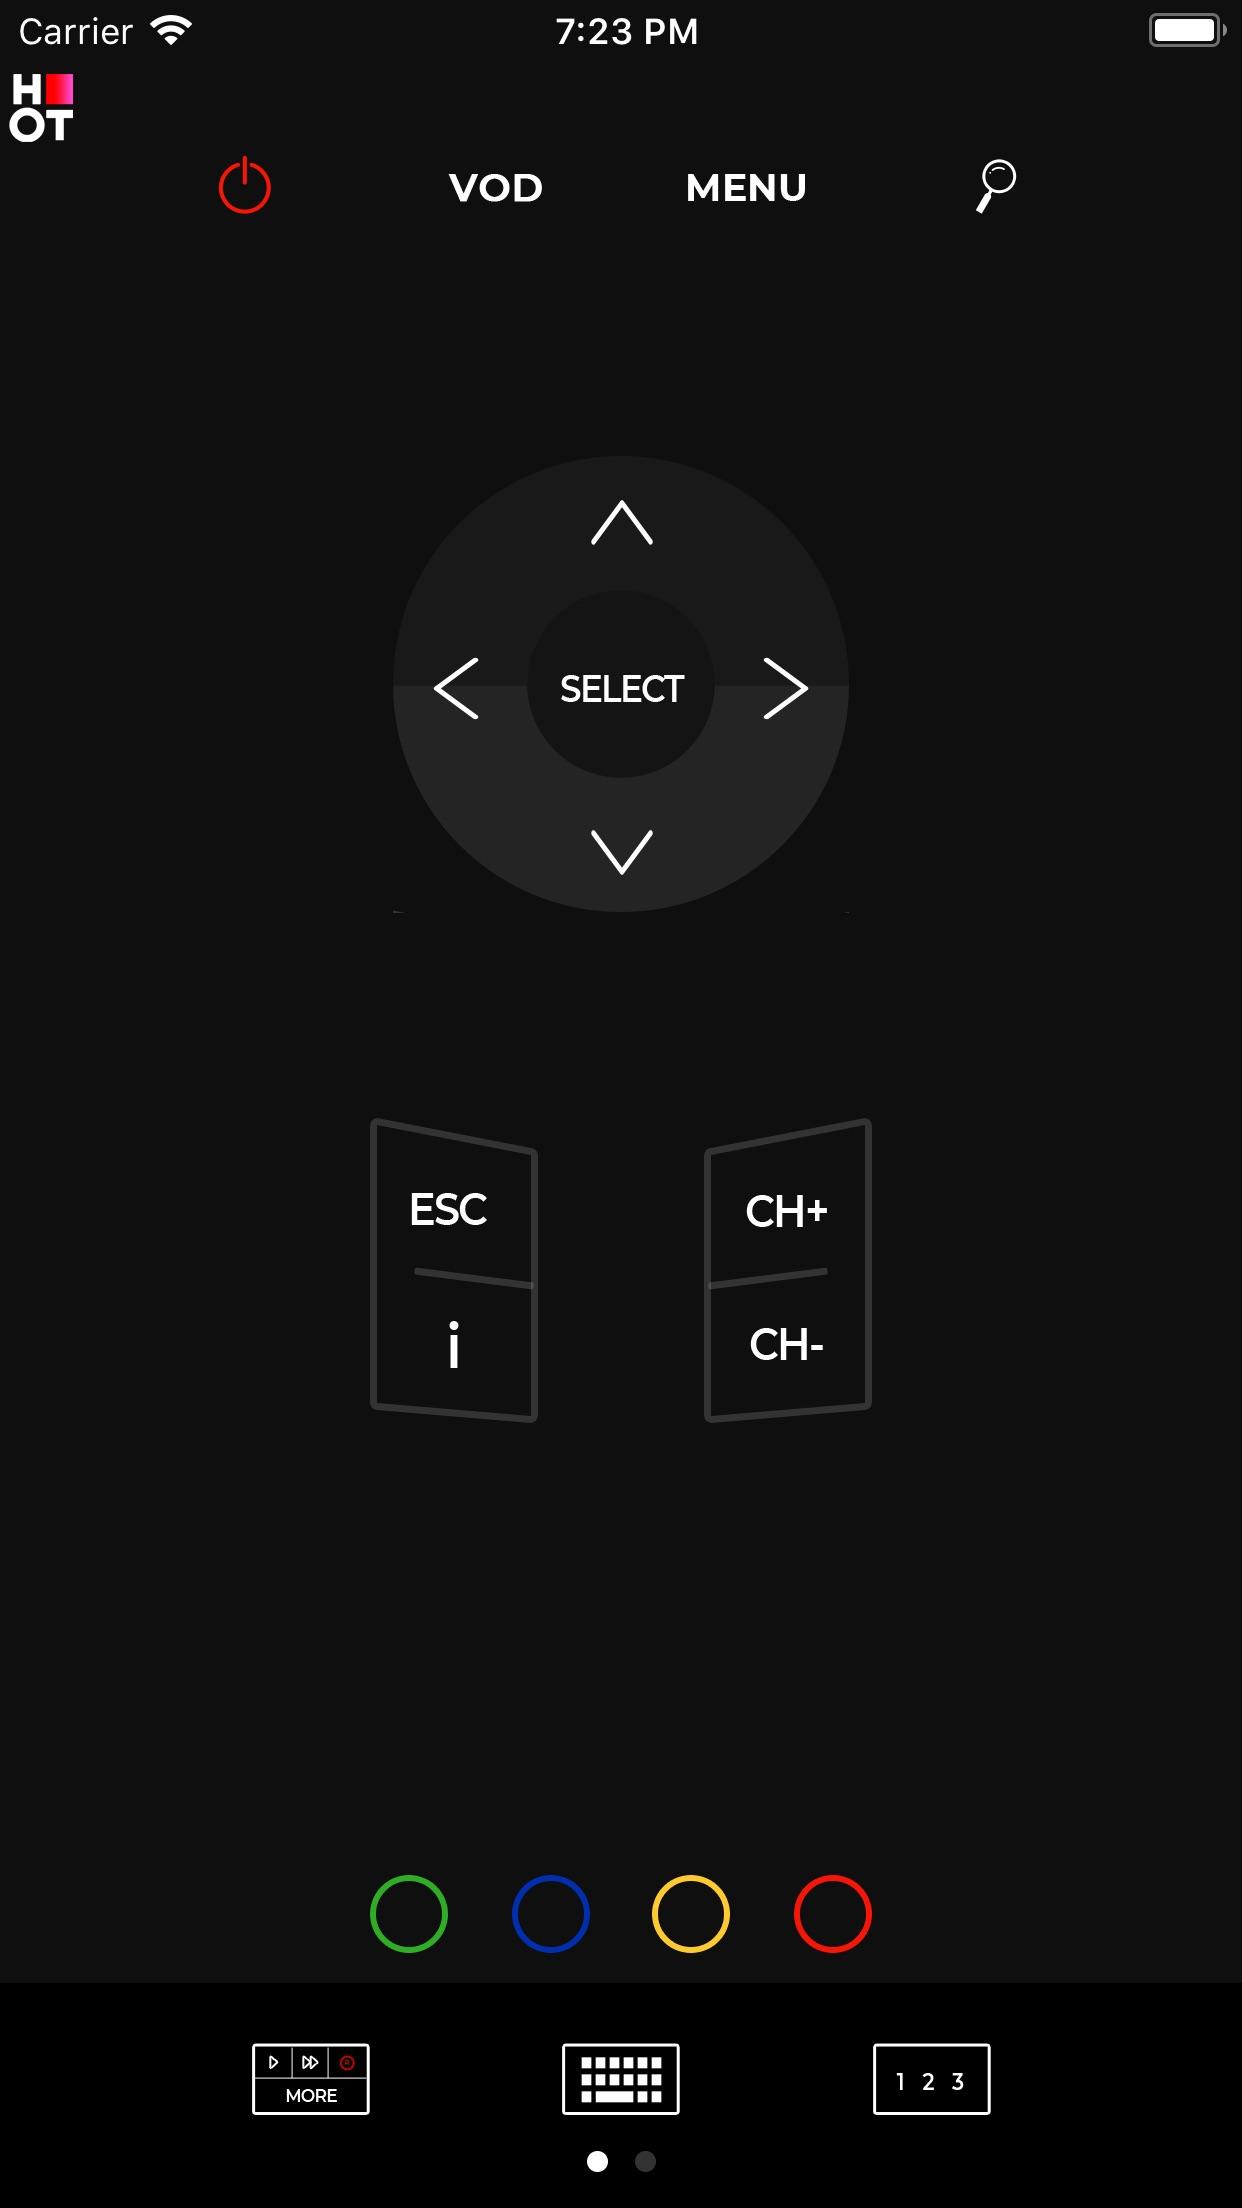 HOT Remote Screenshot